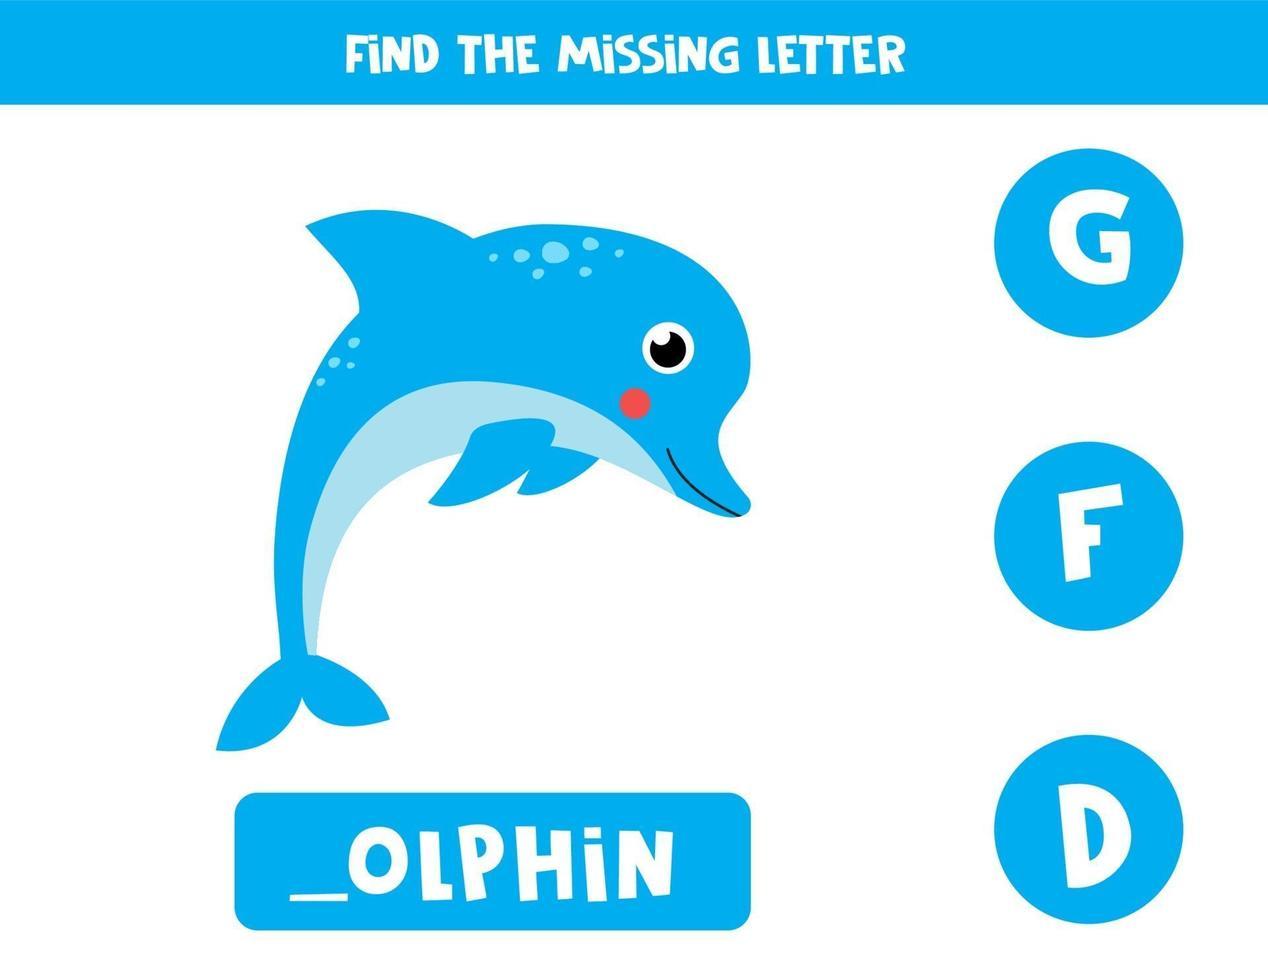 Finde den fehlenden Brief und schreibe ihn auf. süßer Cartoon-Delphin. vektor